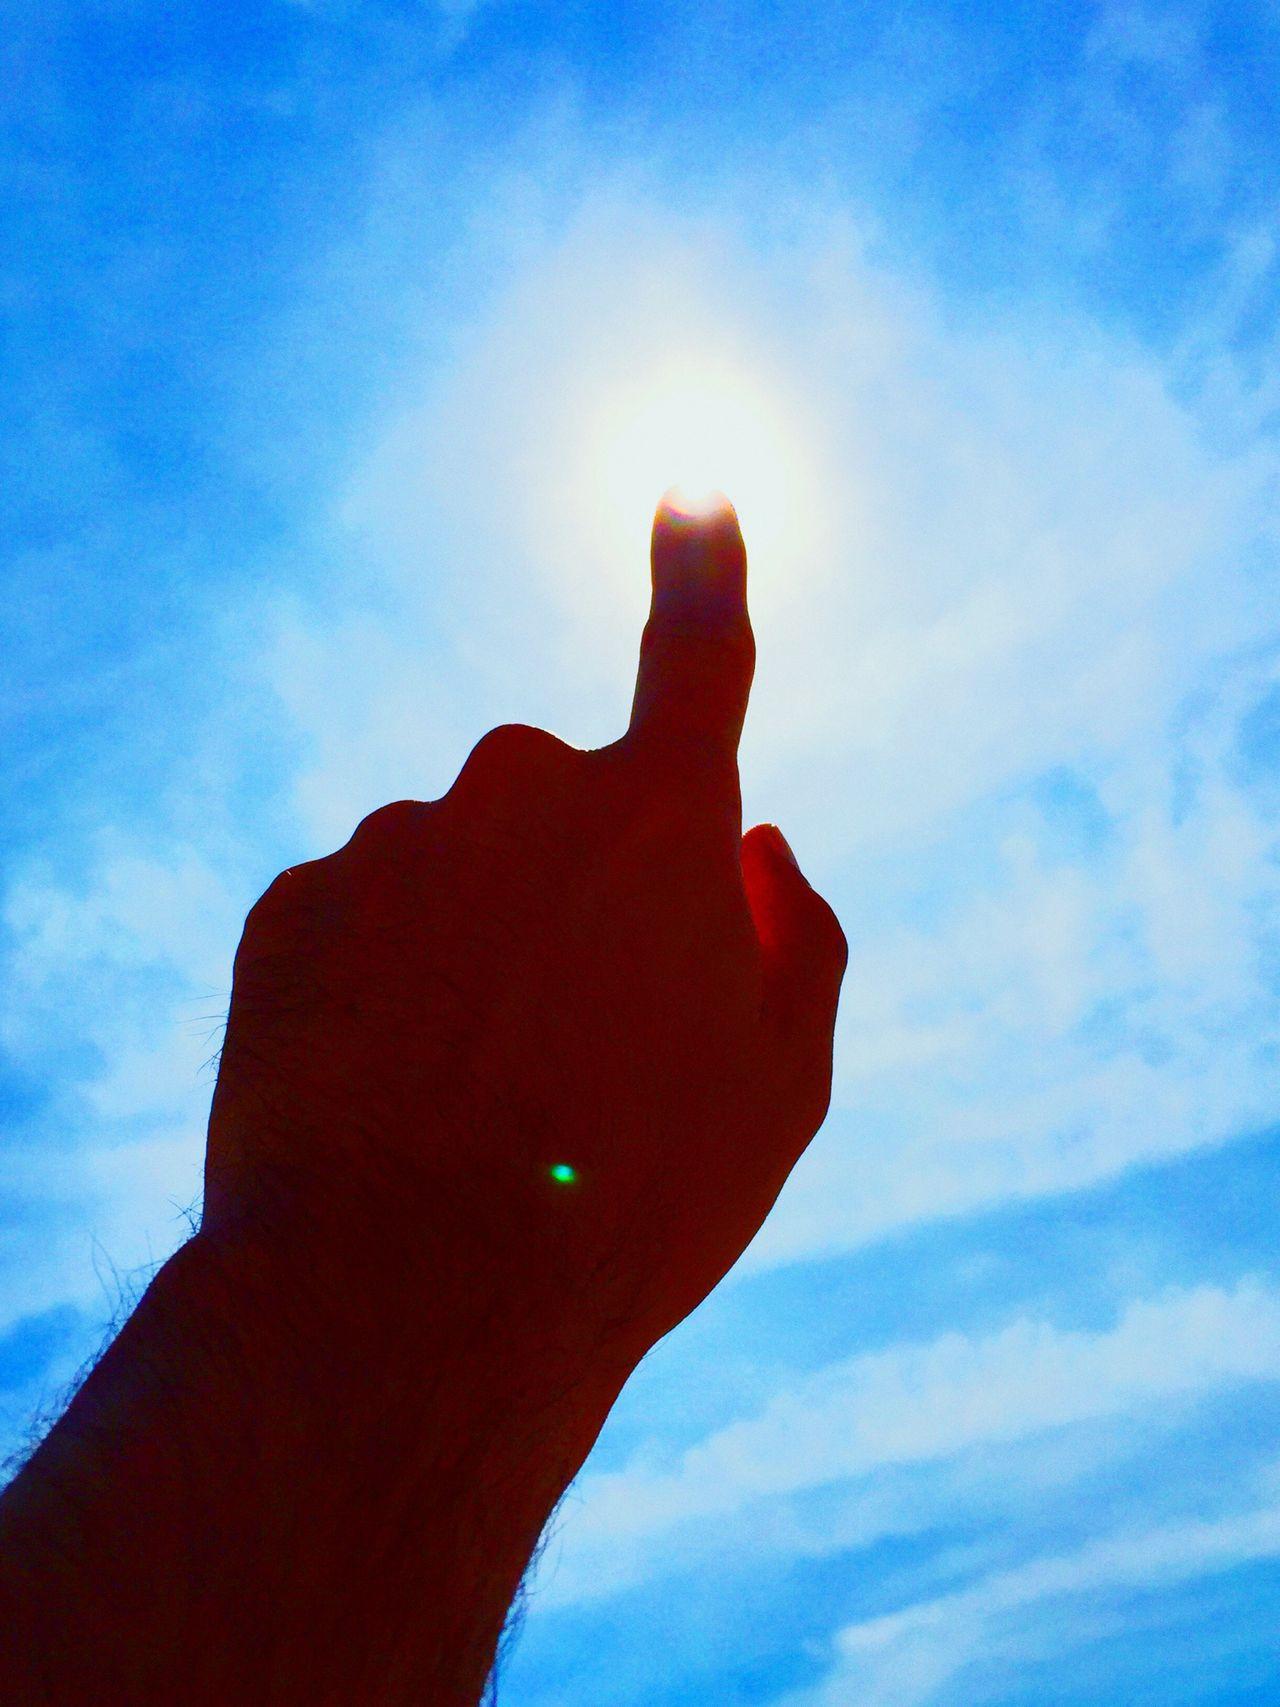 Holiday POV Gai lézard, bois ton soleil! l'heure ne passe que trop vite, et demain il pleuvra peut-être. Frédéric Mistral (1830-1914).